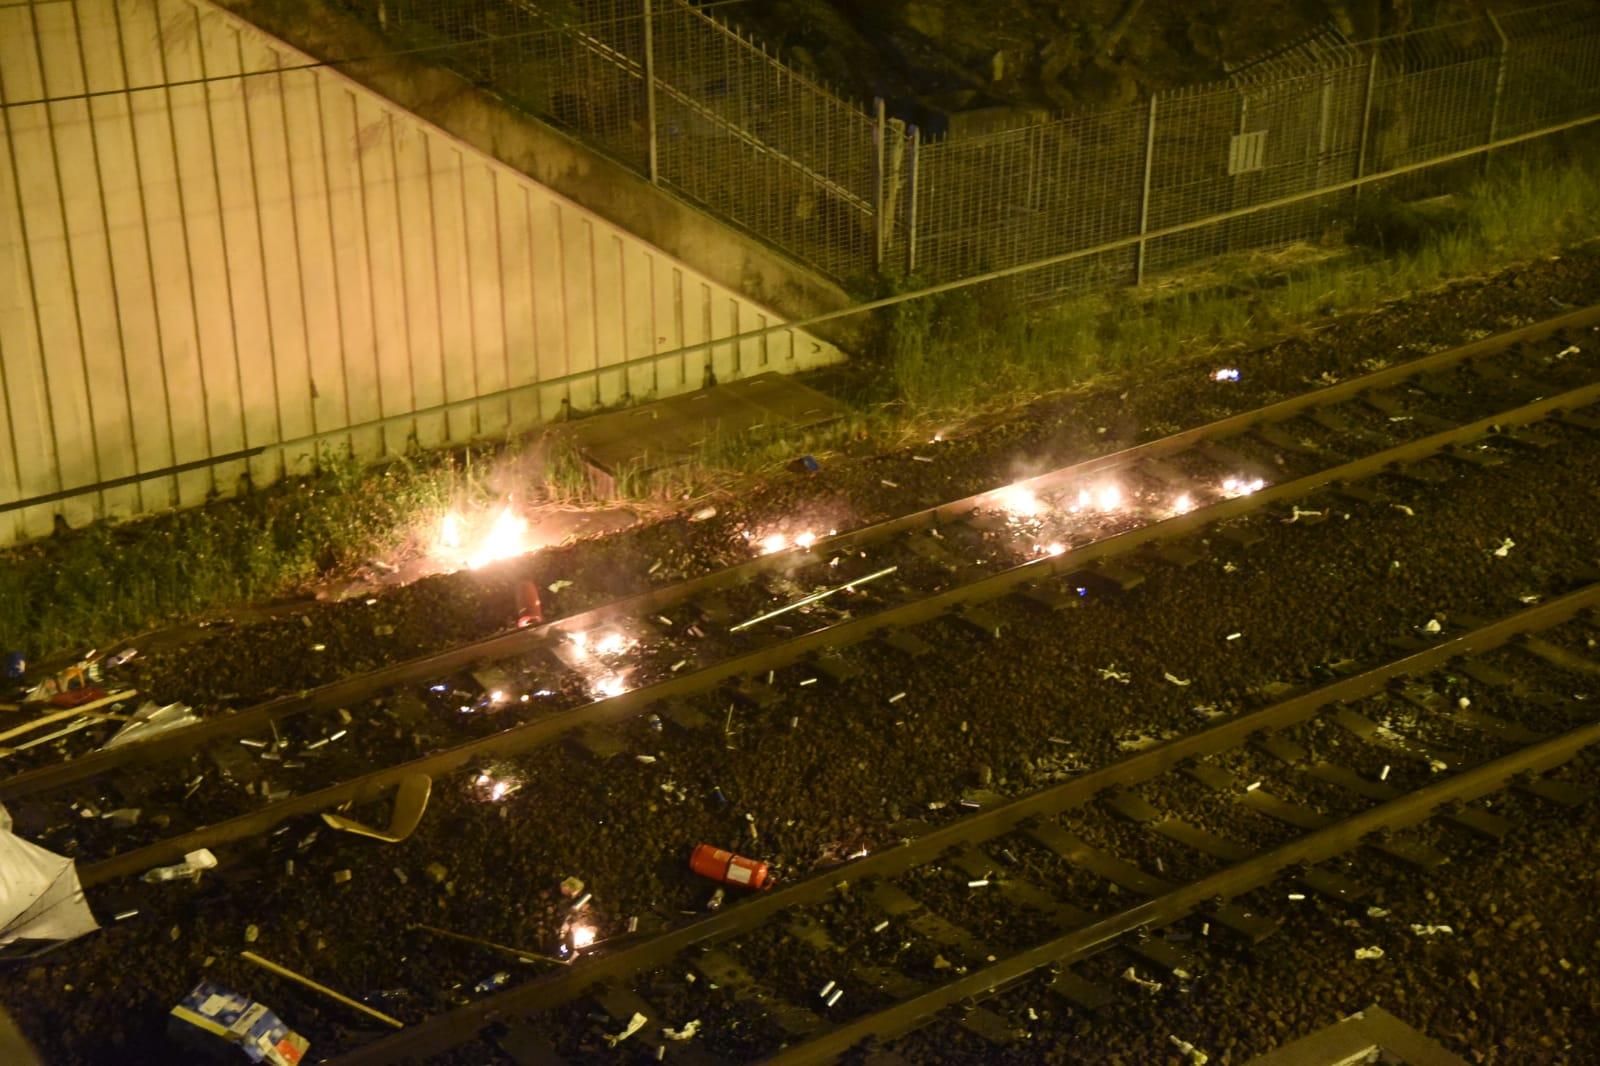 【大三罢】路轨清晨遇袭 有人从中大二号桥上掷易燃物